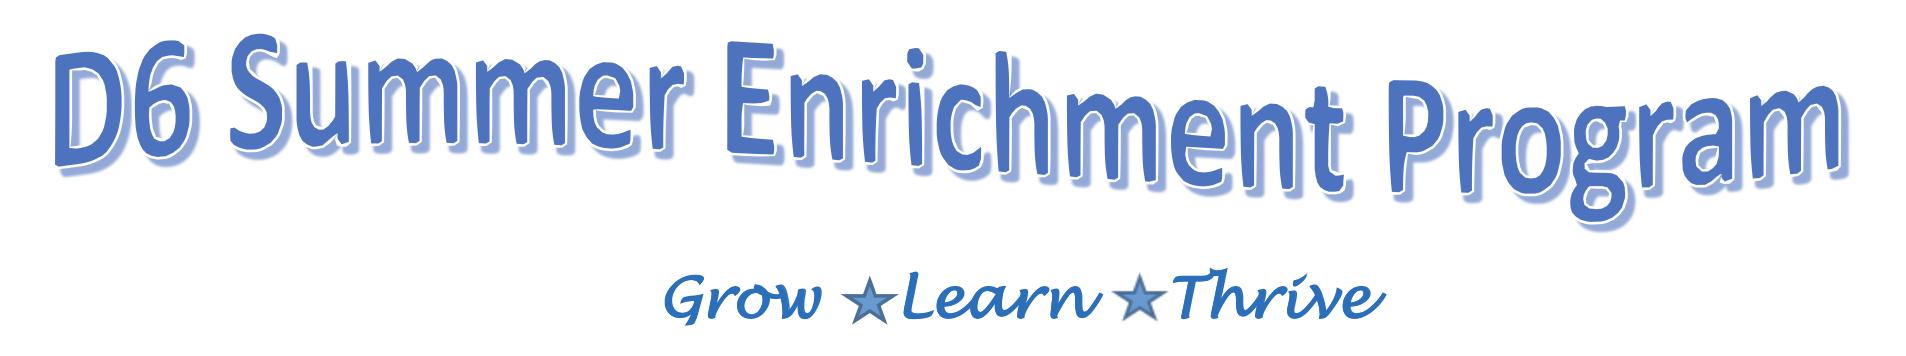 District 6 Summer Enrichment Program